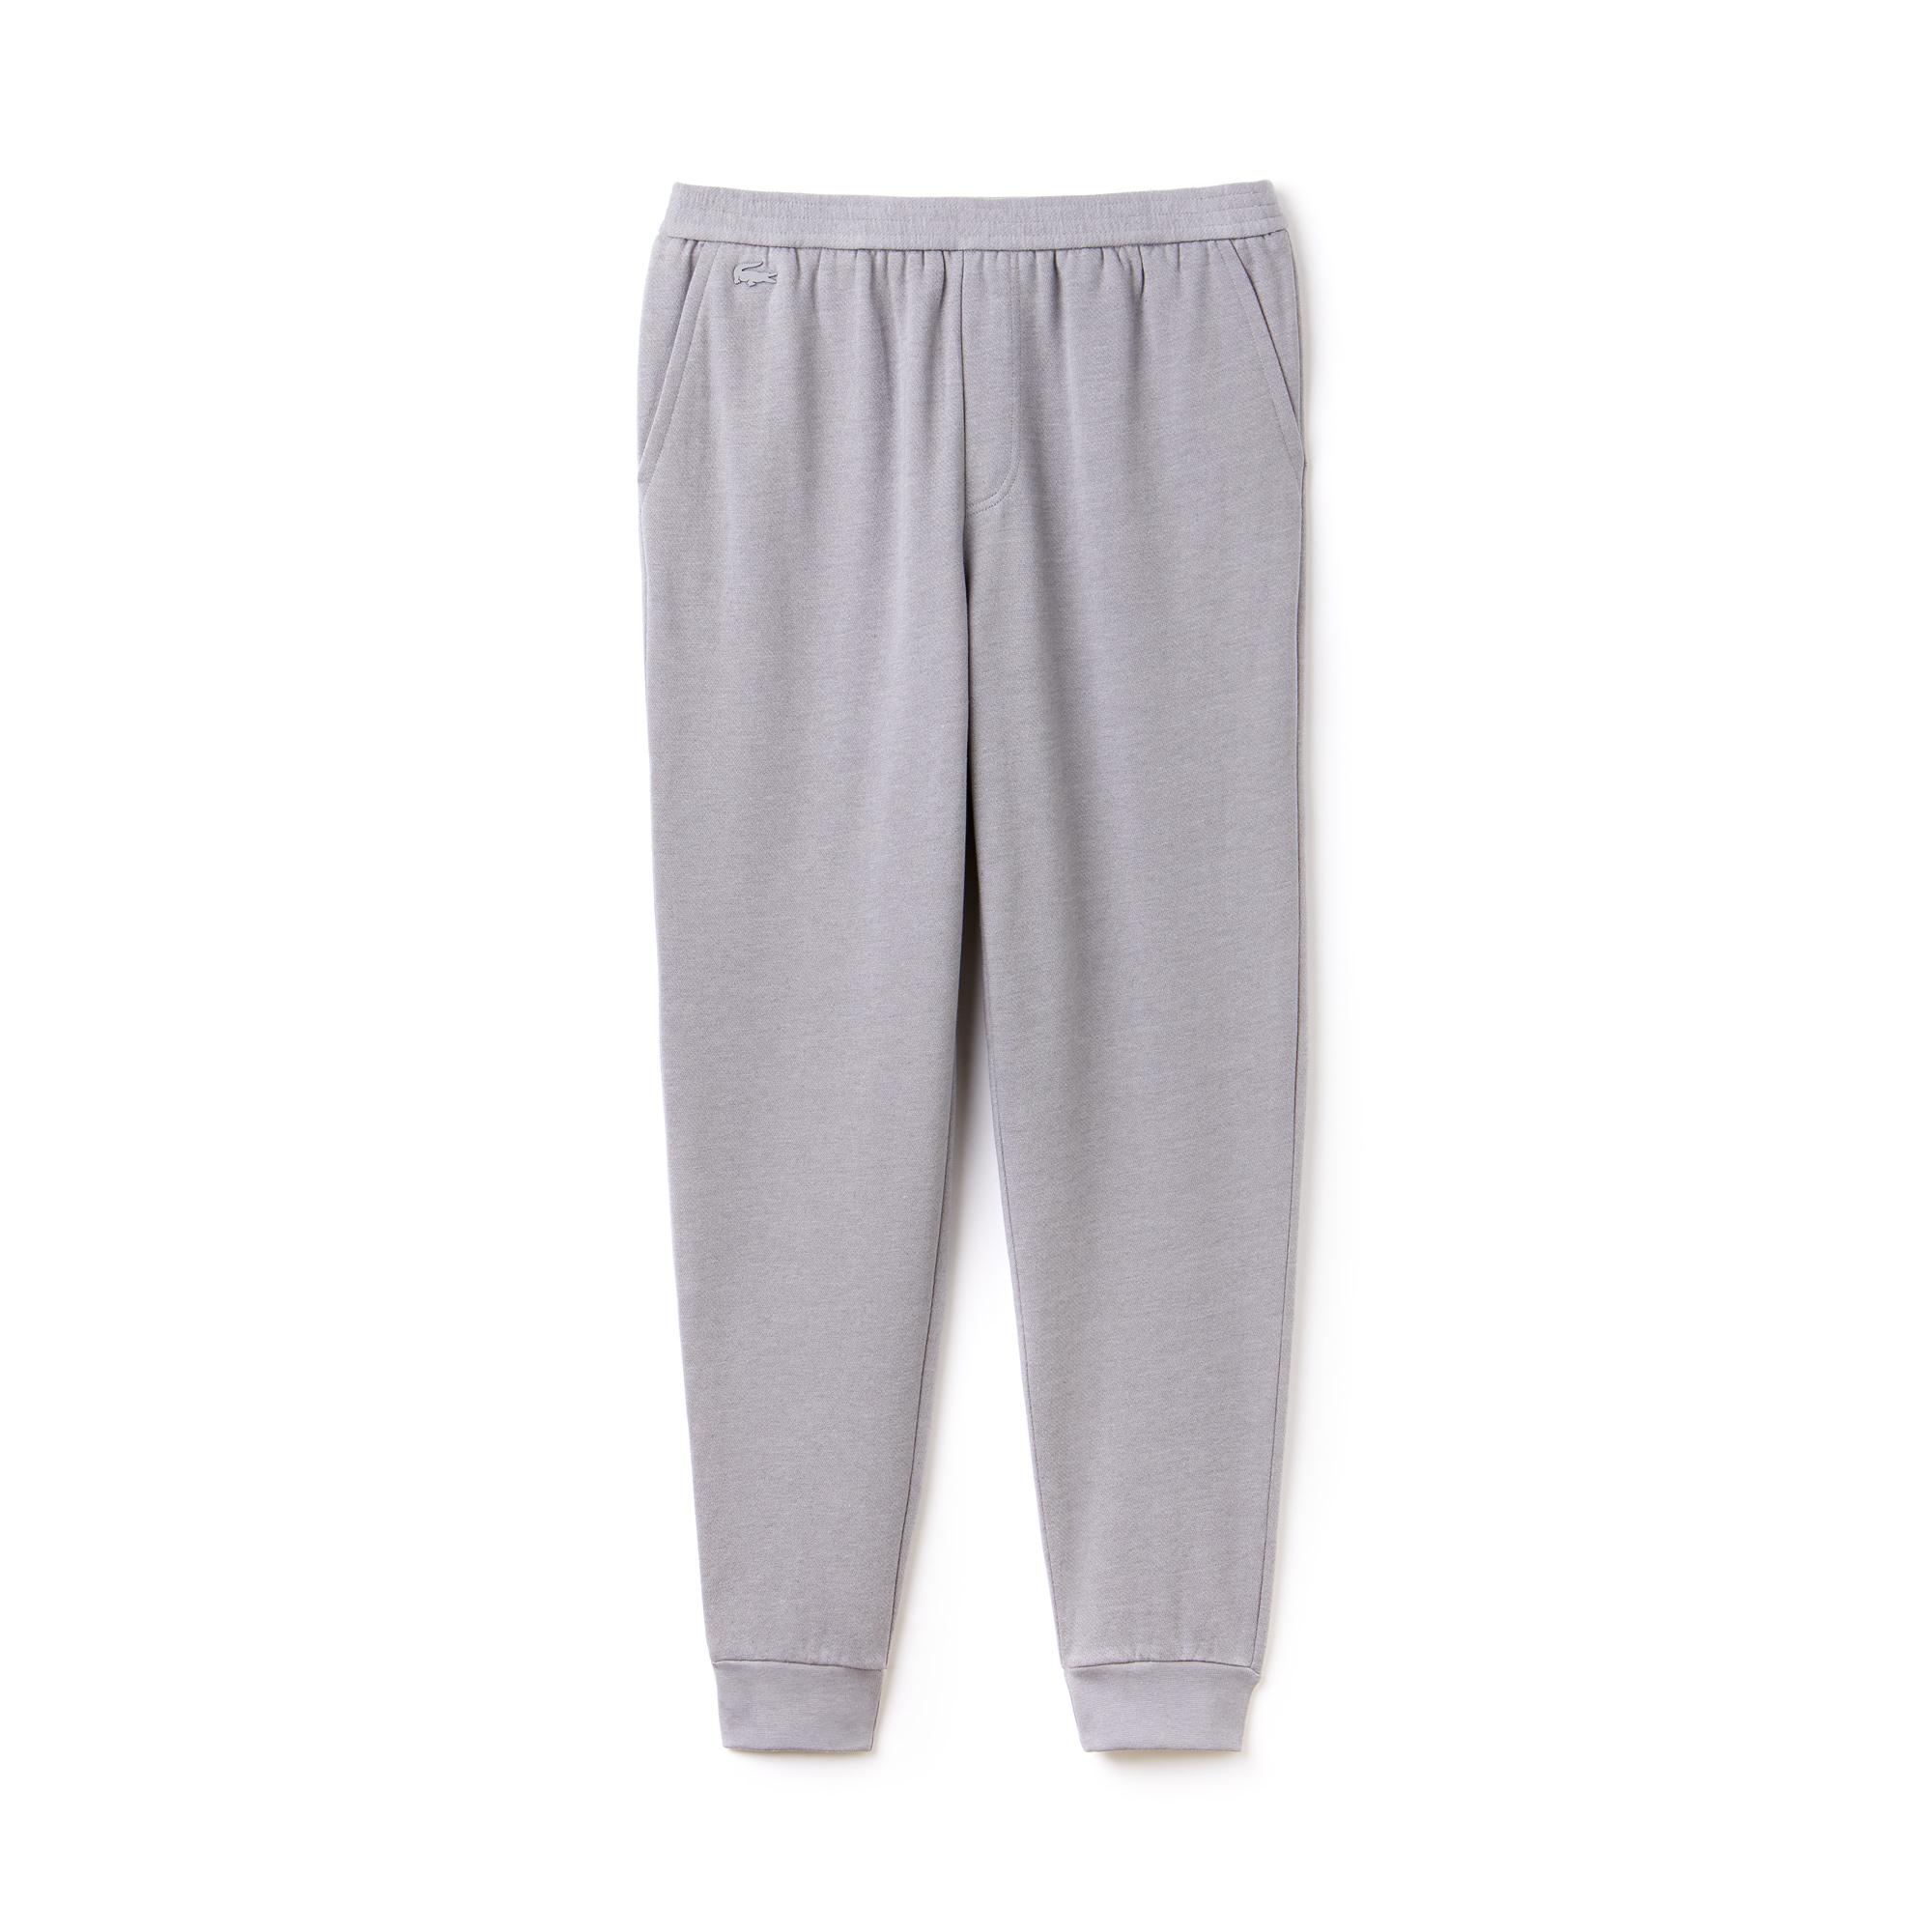 Фото 5 - Спортивные штаны Lacoste серого цвета